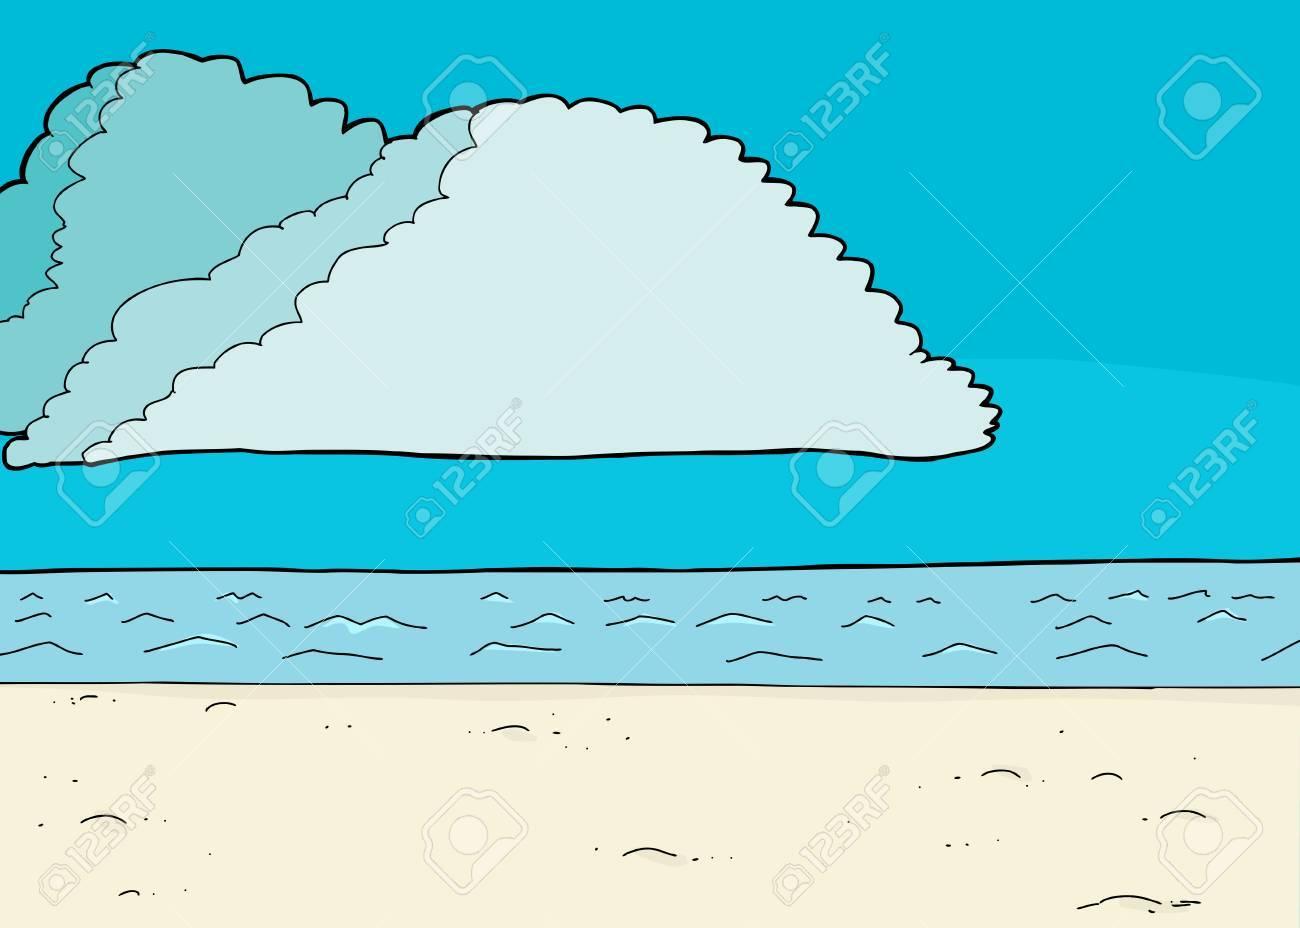 Cartoon ocean beach scene with cumulonimbus clouds in blue sky cartoon ocean beach scene with cumulonimbus clouds in blue sky 40992727 voltagebd Gallery